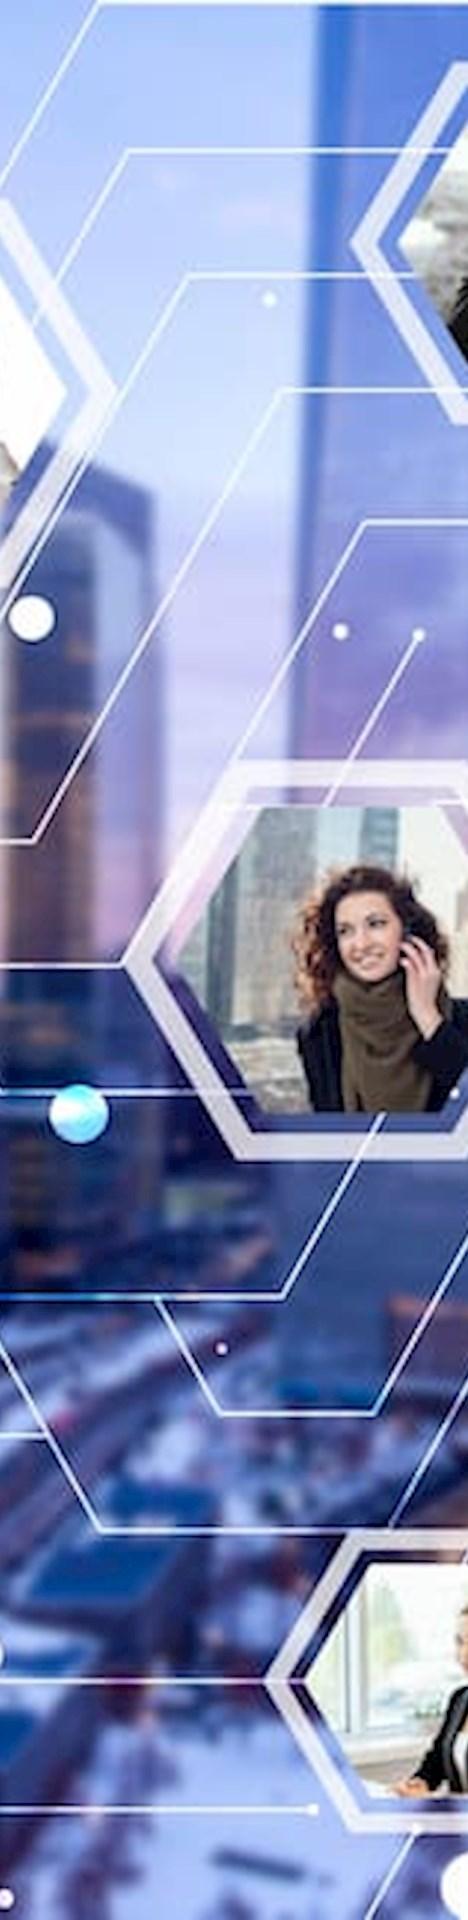 Digital vernetzte Menschen